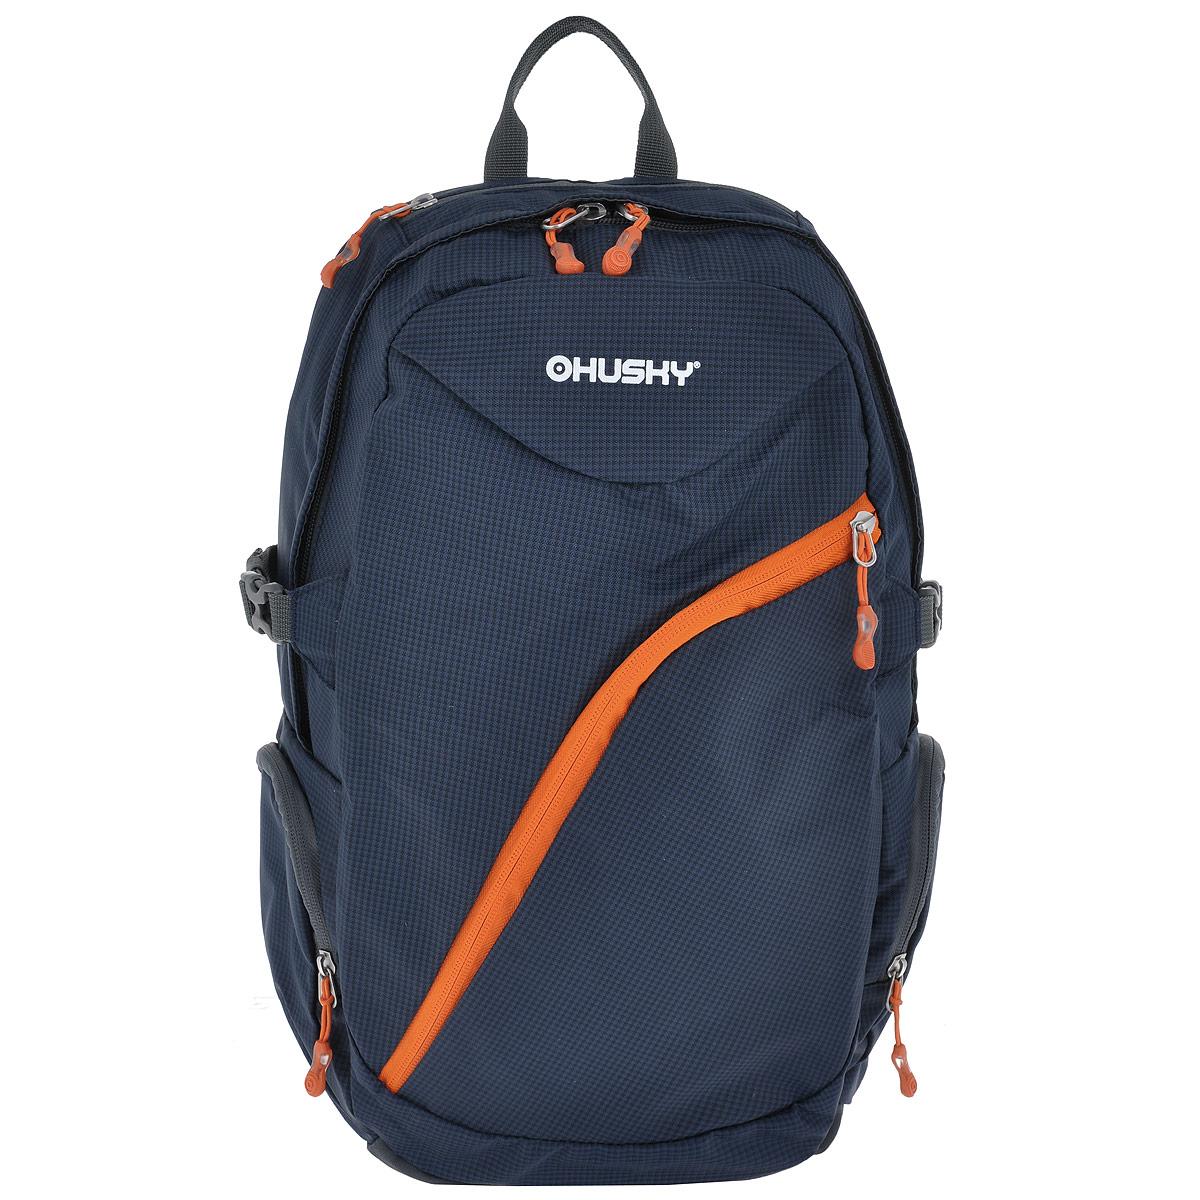 Рюкзак городской Husky Nexy, цвет: темно-синий, оранжевый, 22 лУТ-000066112Городской рюкзак Husky Nexy изготовлен из водонепроницаемого нейлона, оснащен светоотражающими элементами. Рюкзак содержит одно главное отделение, в котором есть карман для переноски ноутбука или планшета.На лицевой стороне находится карман на молнии, внутри которого расположены 4 накладных кармана для канцелярии. По бокам рюкзака находятся 2 кармана на молнии. Сверху также есть 1 карман на застежке-молнии. Рюкзак очень удобно носить благодаря системе вентиляции спины AMS и широким лямкам. Вес: 550 г.